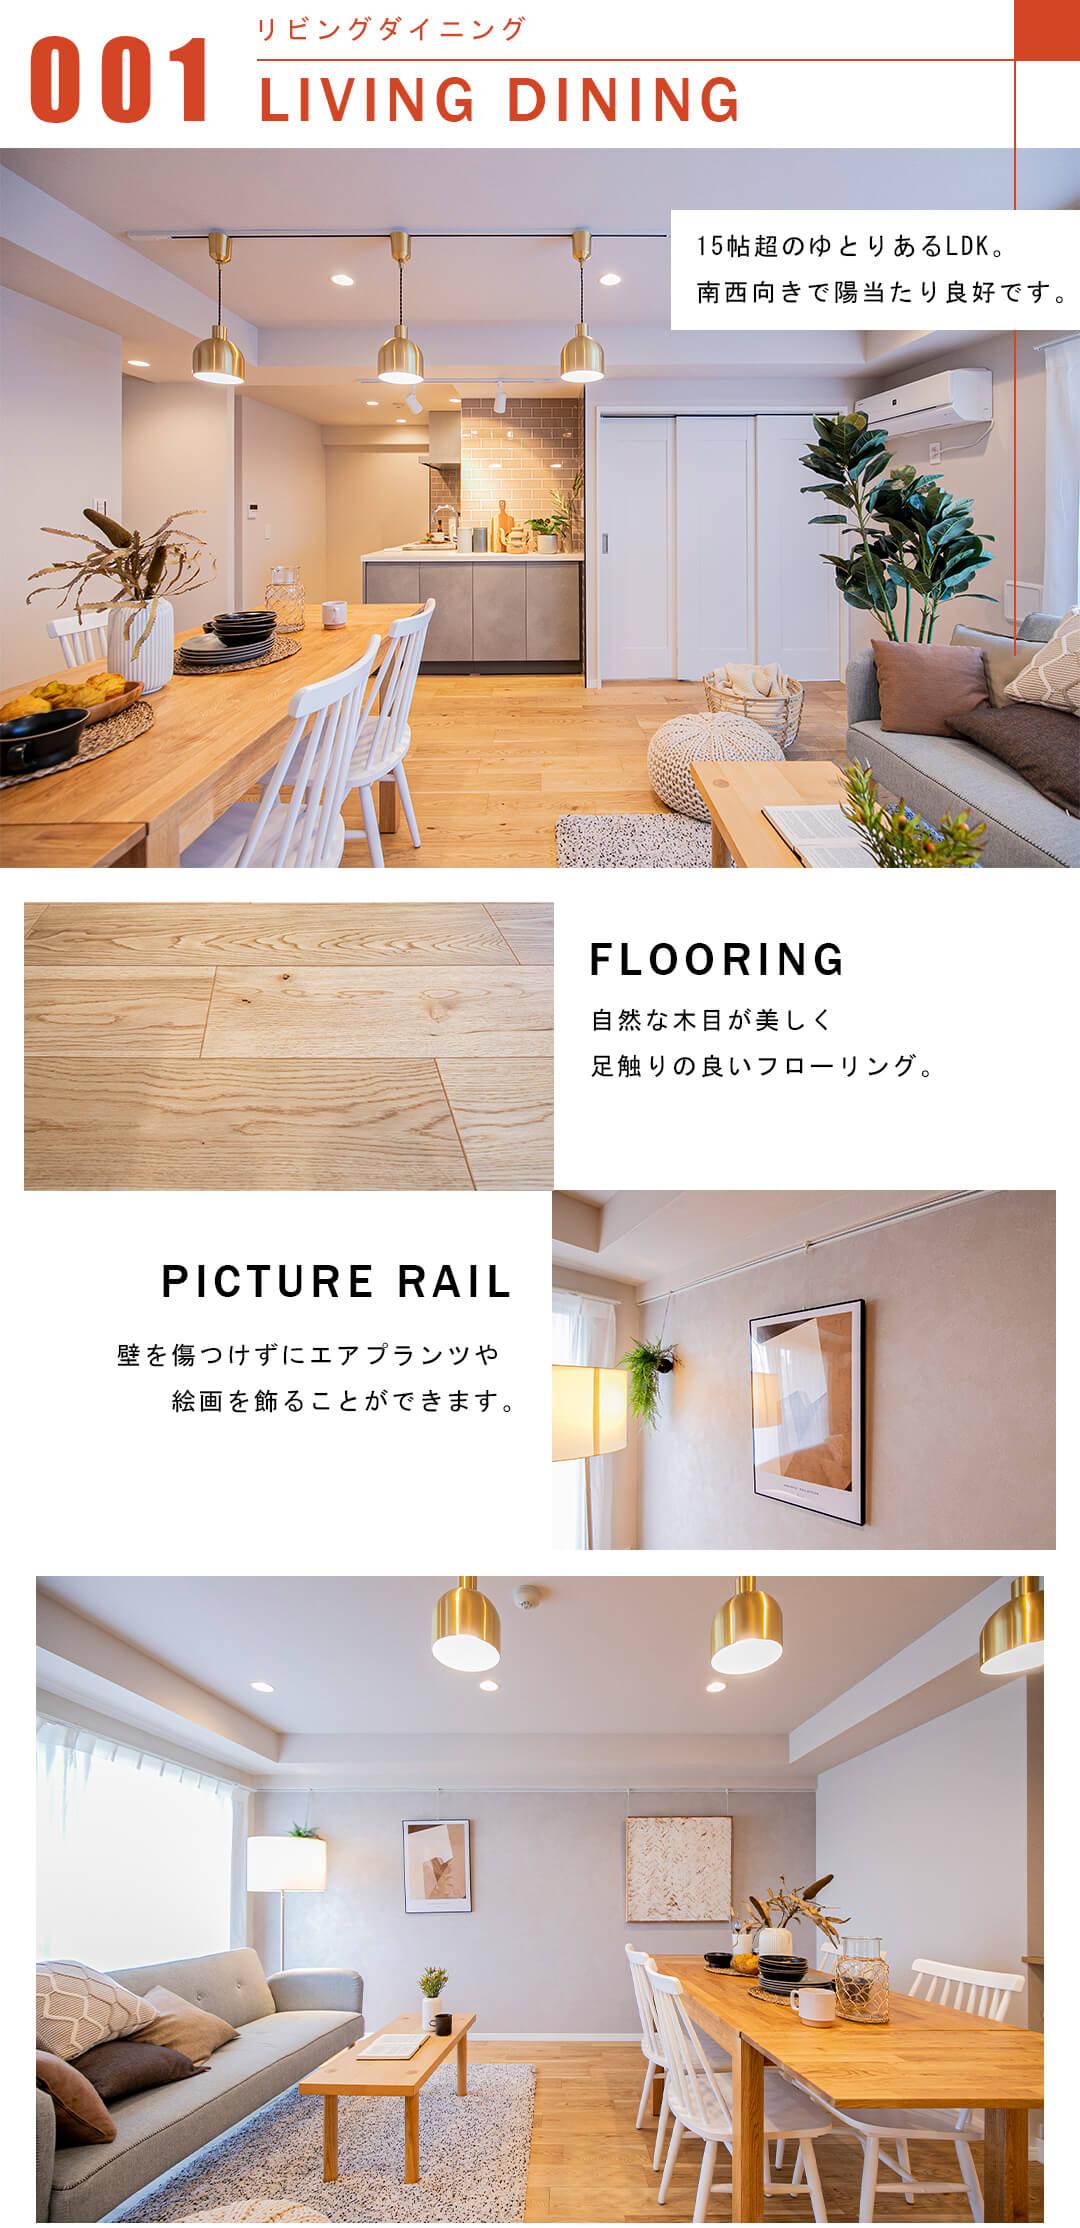 ガーデンホーム笹塚のリビングダイニング